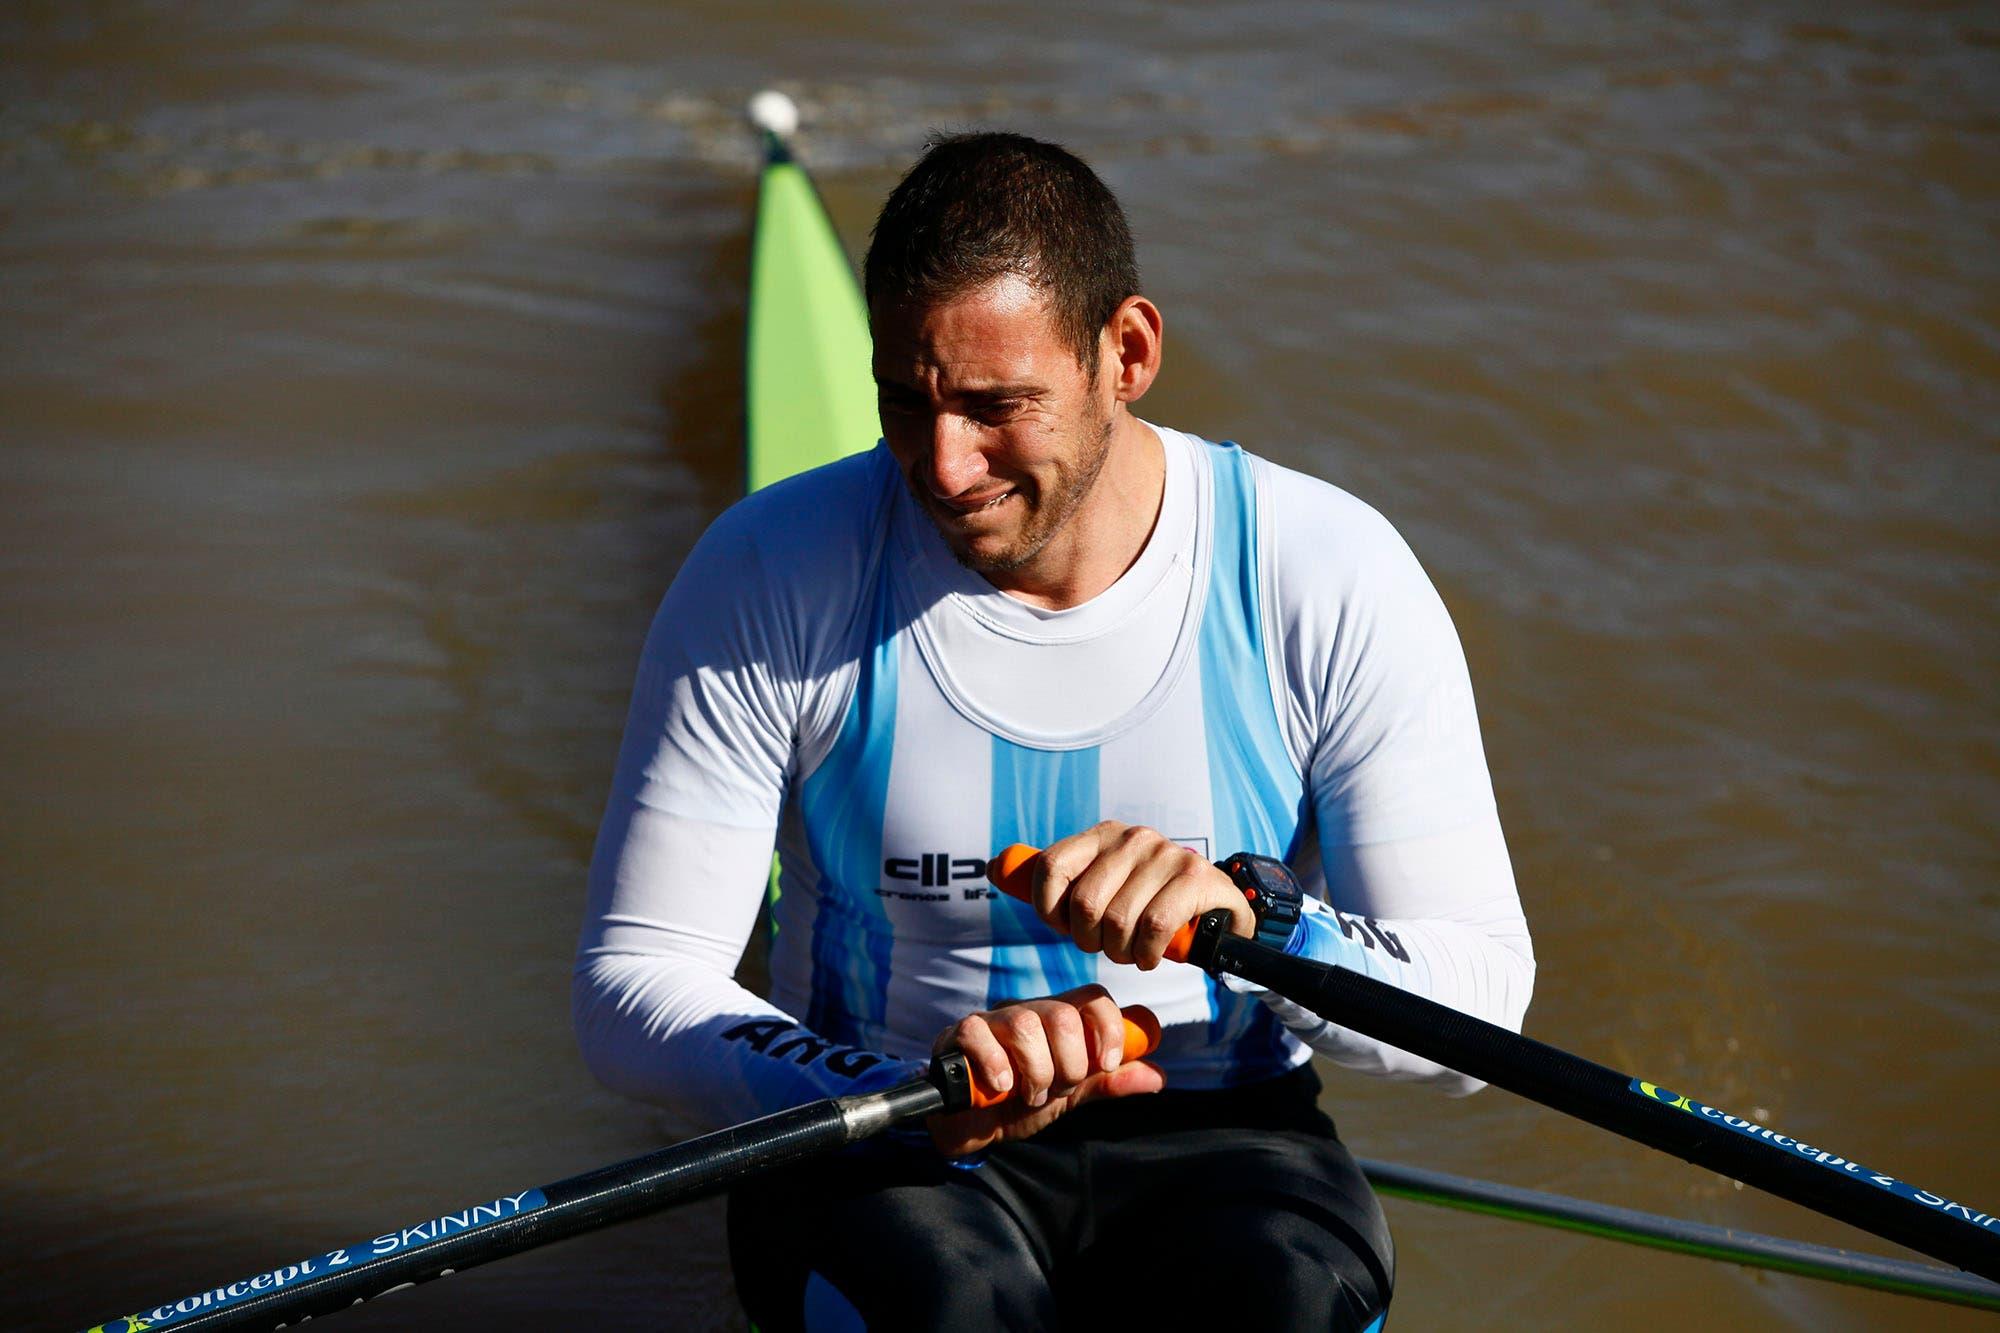 De nuevo en el agua: la emoción del remero Ariel Suarez al subirse al bote tras casi cinco meses